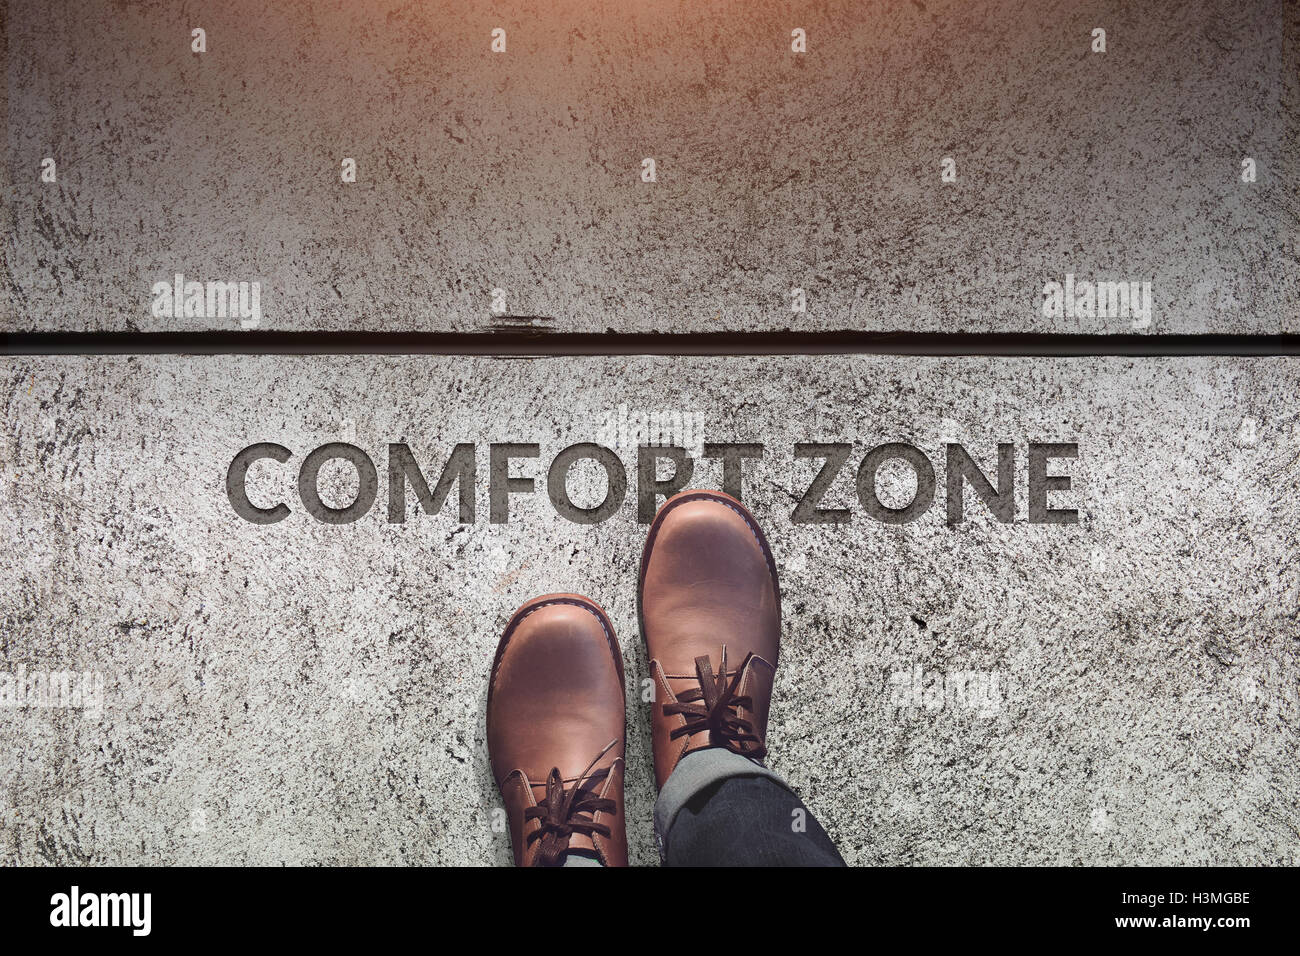 Zone de confort Concept, homme Chaussures en cuir avec étapes sur un mot: Zone de confort avec la ligne sur un sol en béton, vue d'en haut Banque D'Images